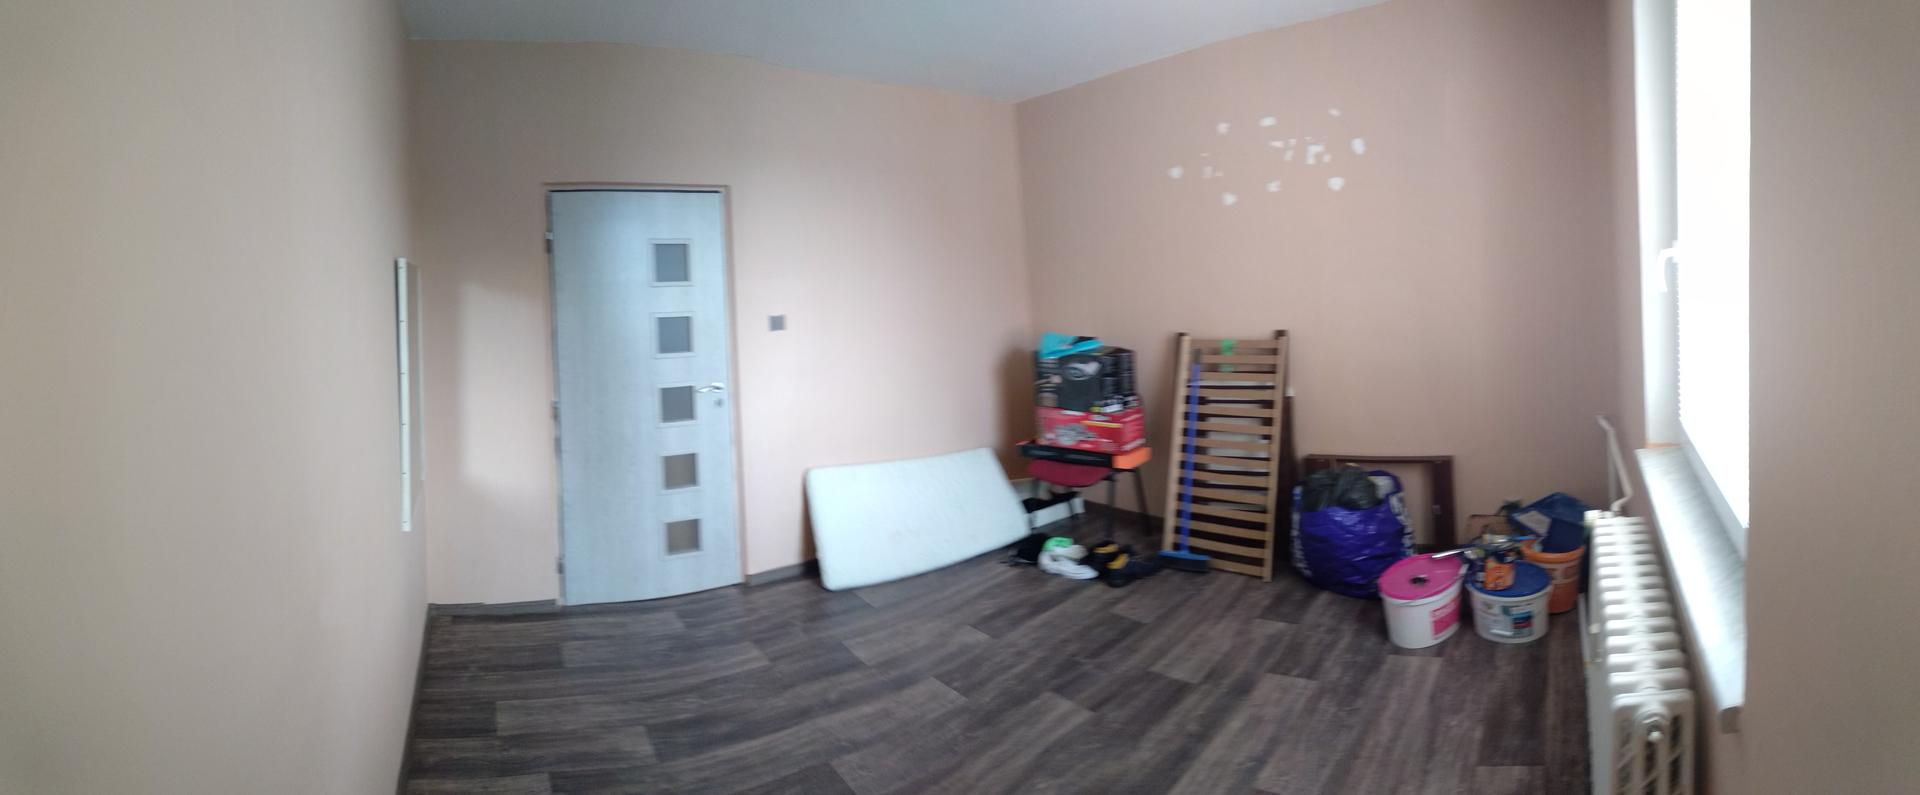 Náš první byt 3+1 do rozjezdu - Obrázek č. 16